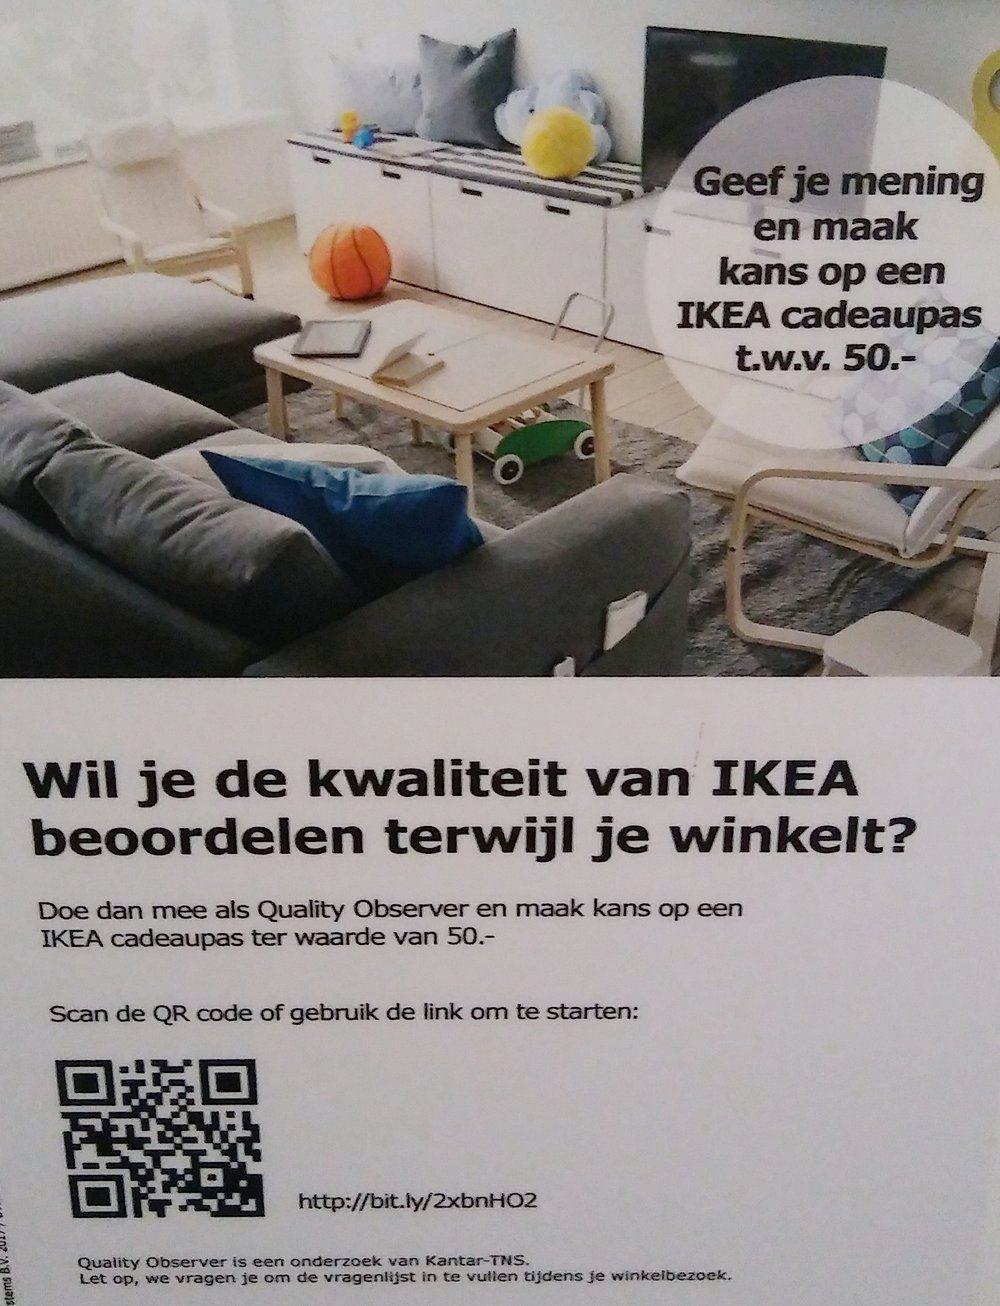 Evaluatie-oproep op het toilet van IKEA Utrecht